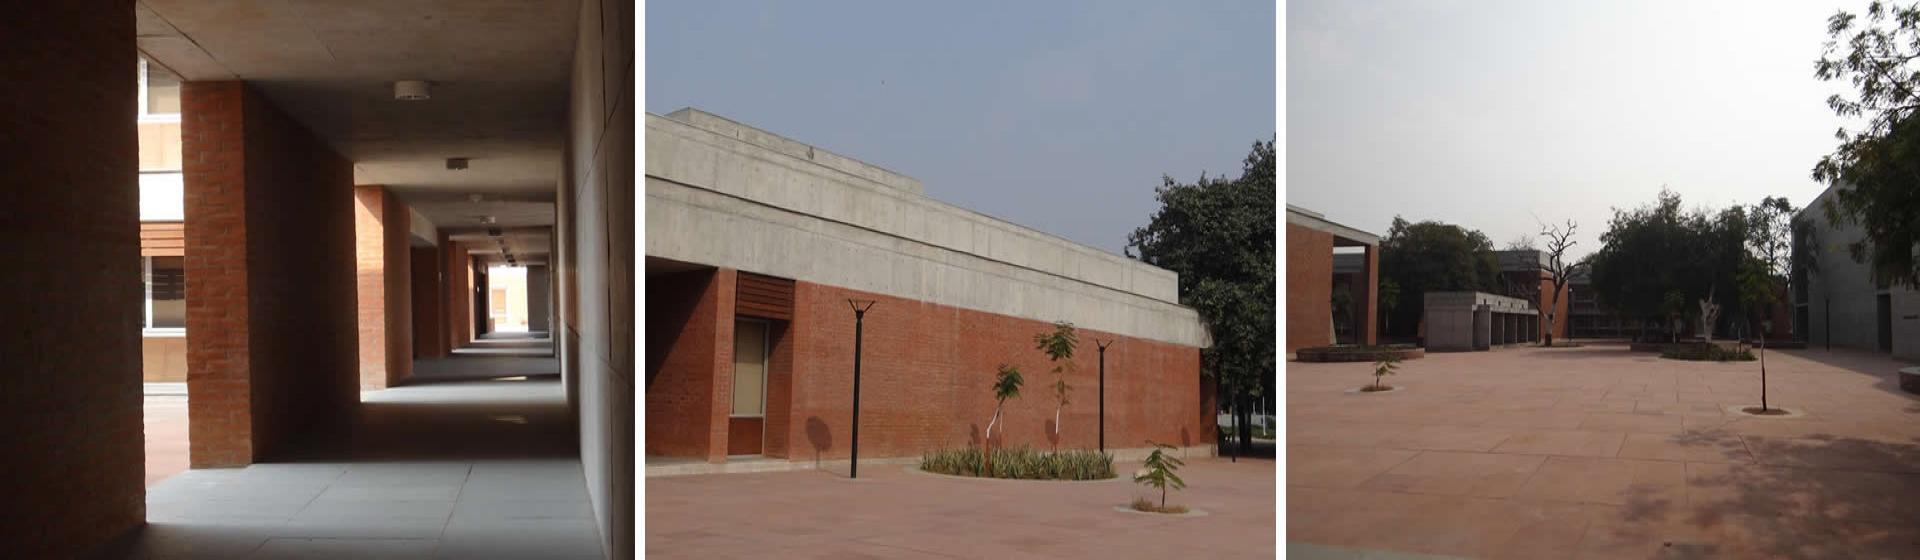 નોલેજ કોન્સોર્ટિયમ ઓફ ગુજરાત - કેમ્પસ ફોટો -1